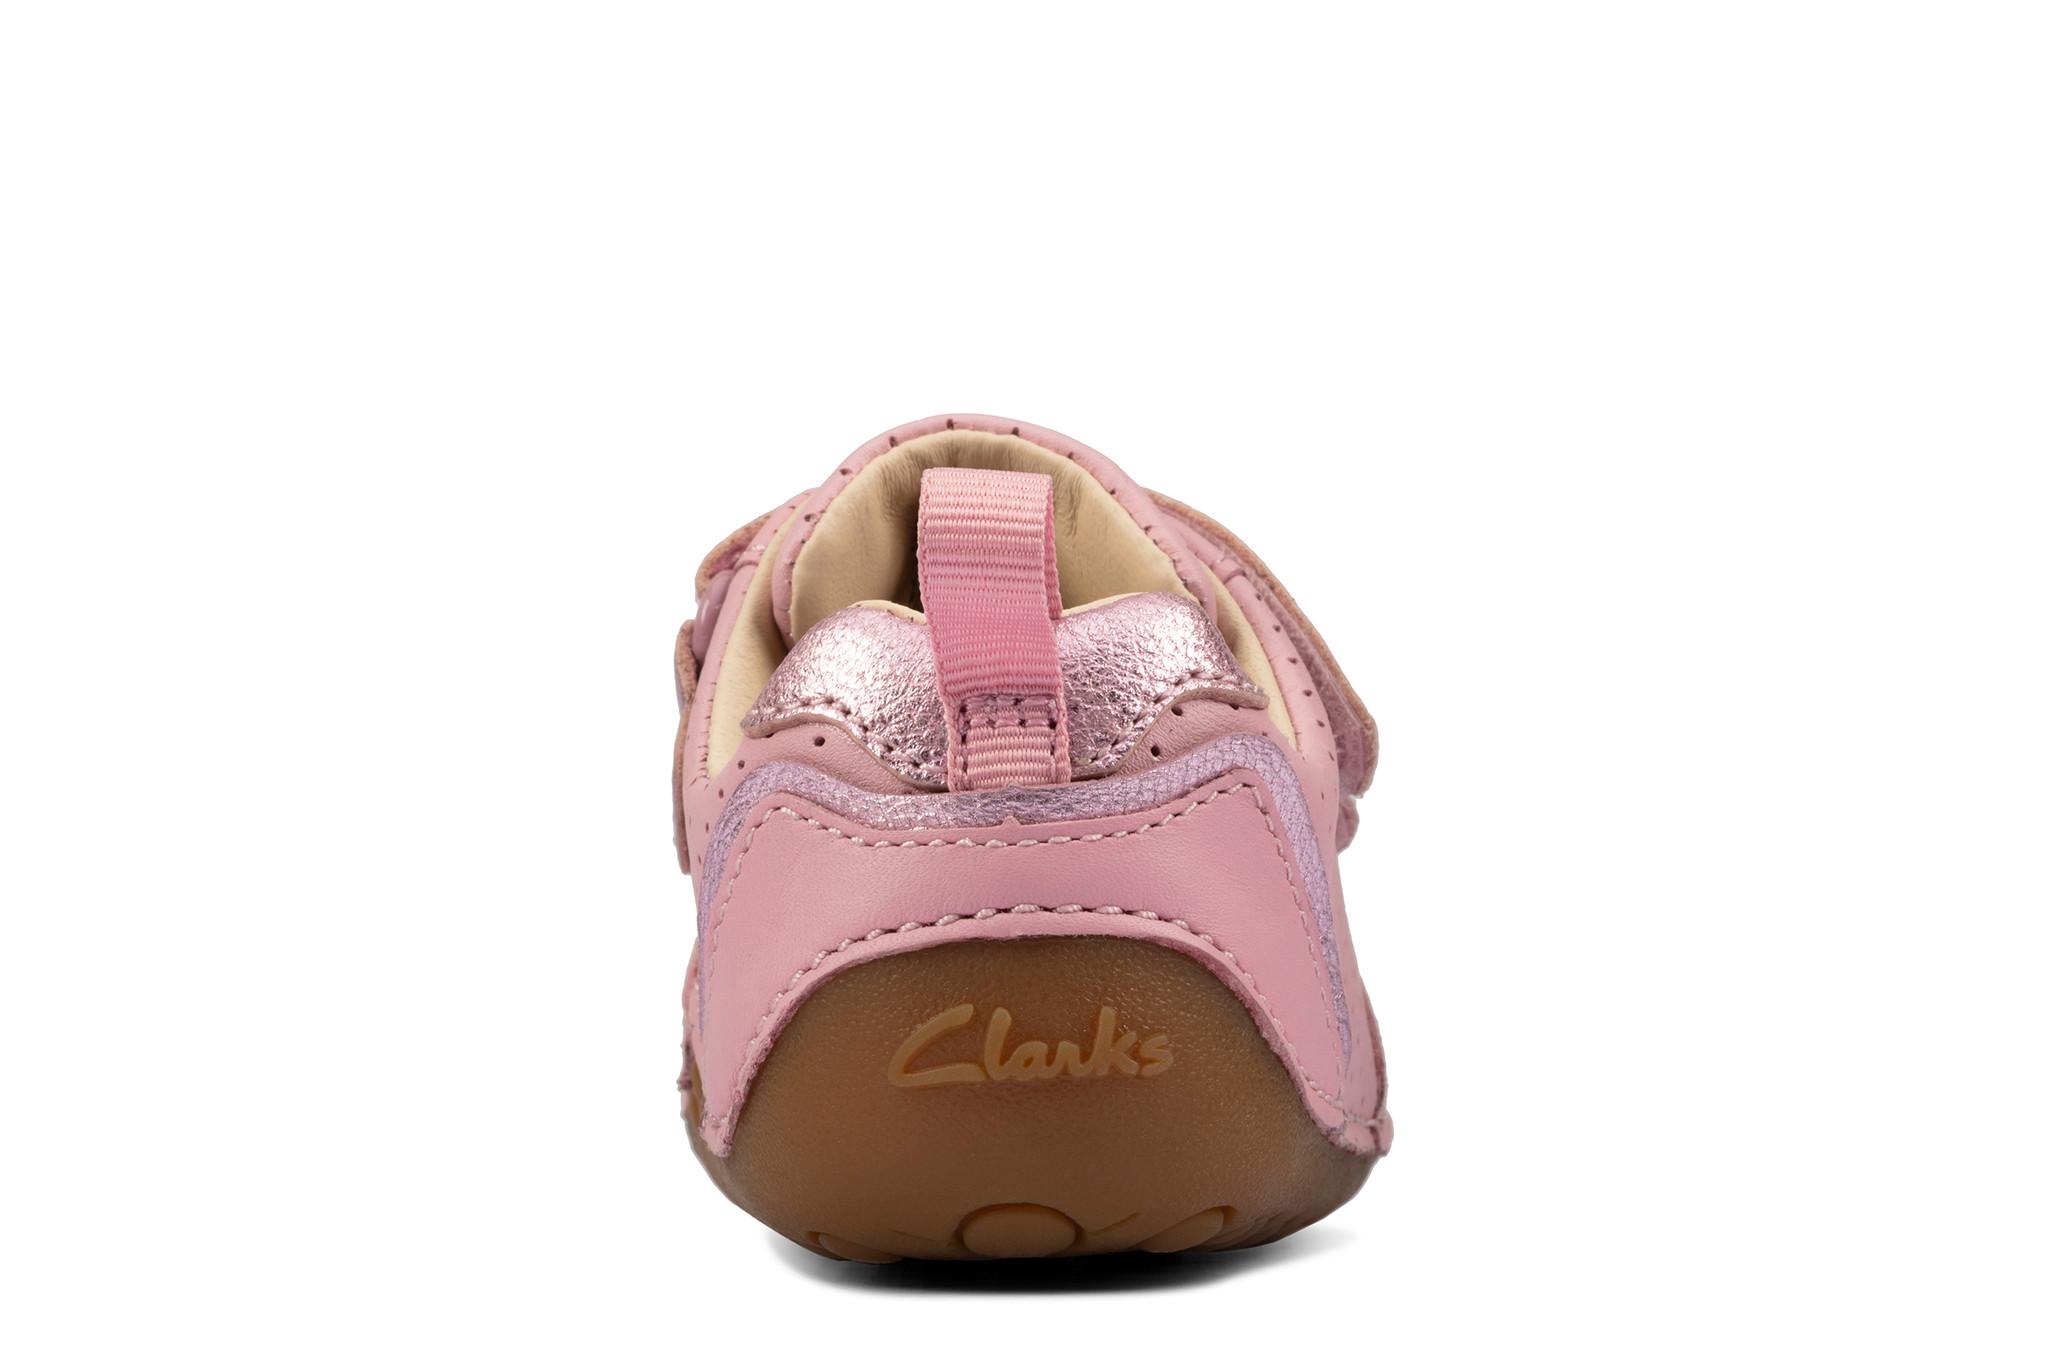 Clarks Tiny Sky Light Pink